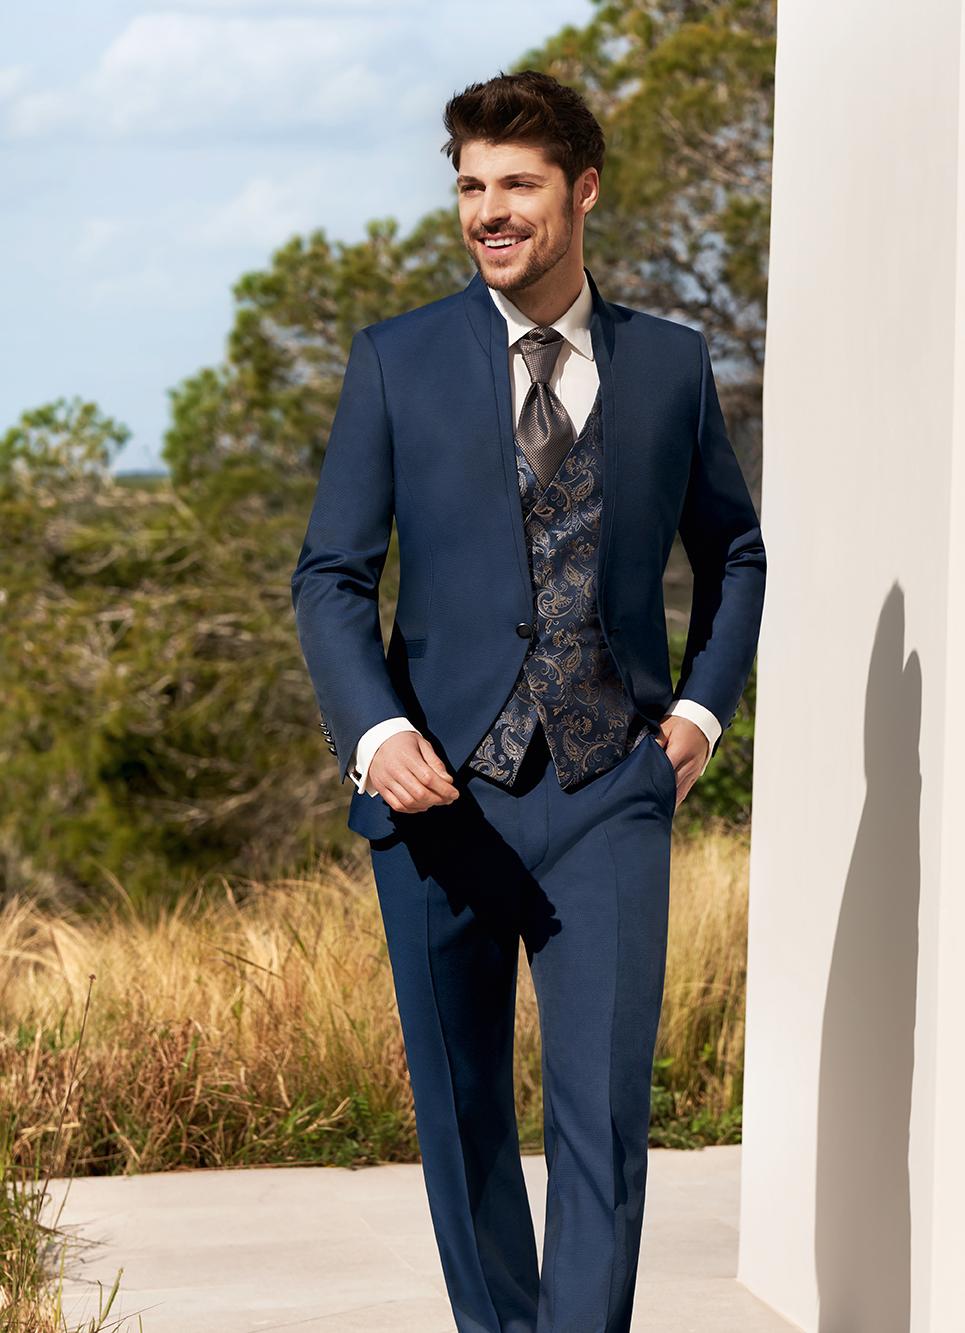 Wilvorst After Six Hochzeitsanzug Männer Mode Bräutigam klassische Form tailliert grau blau blau gemusterte Weste blau kupfer Einknopf Stehkragen Jabot